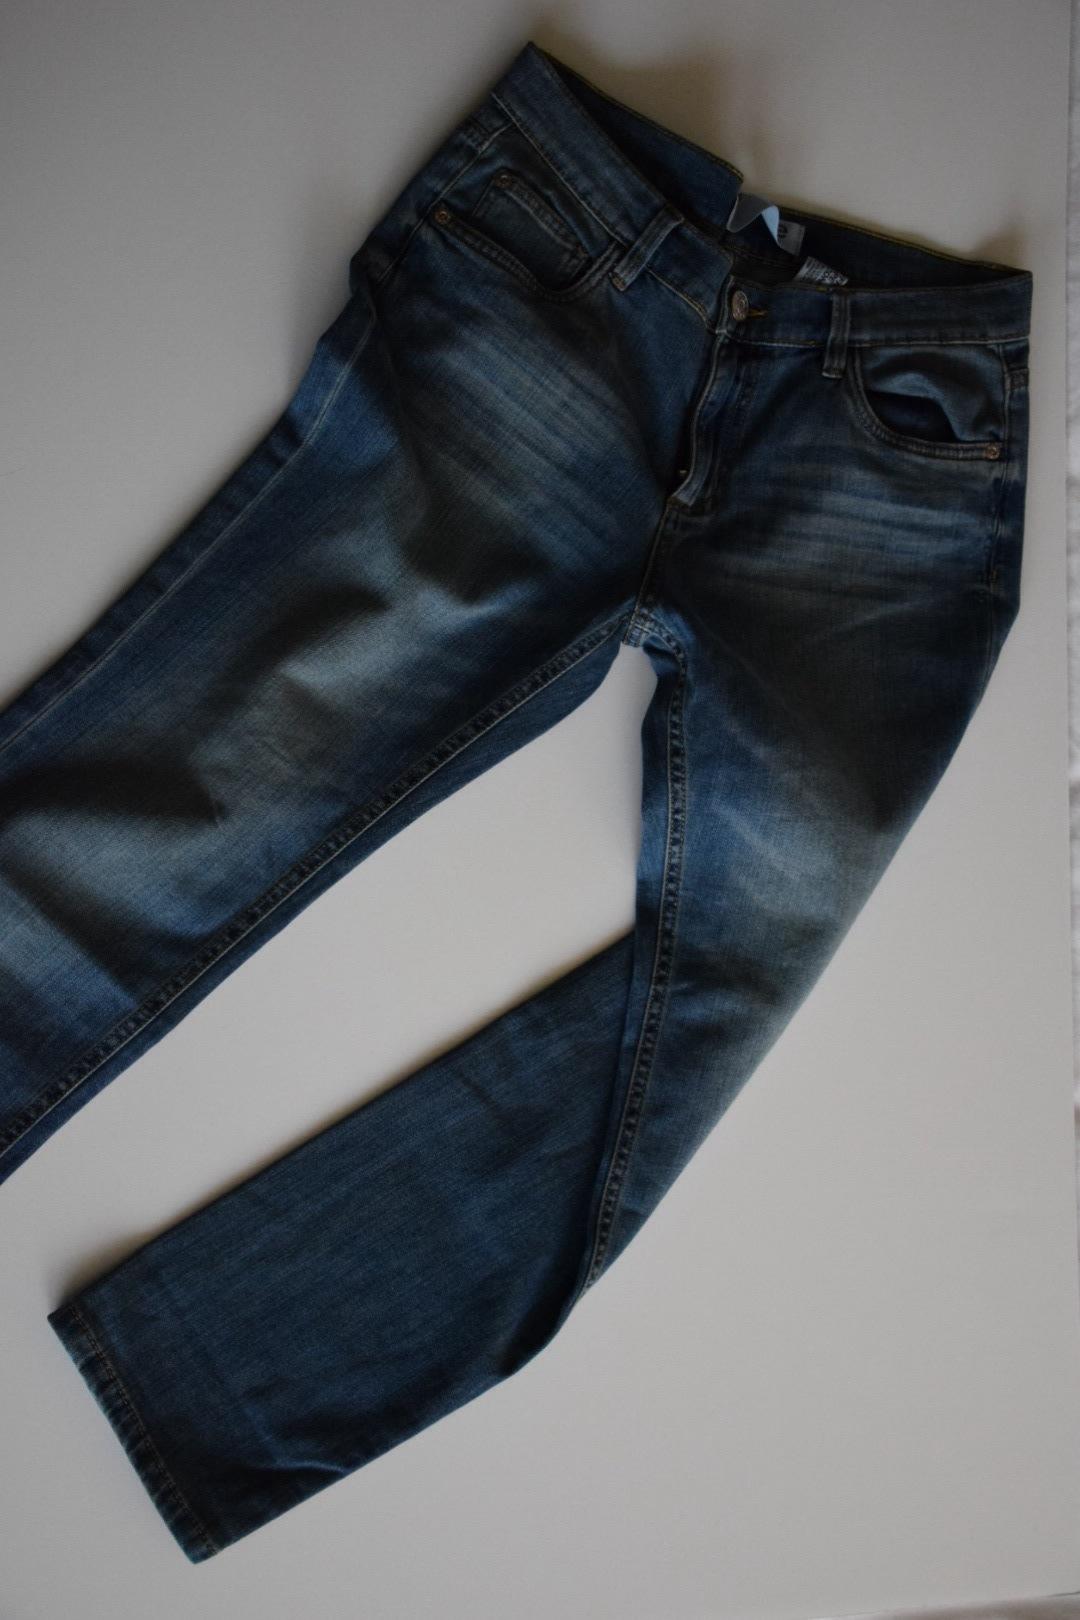 Boyfriend cut jeans